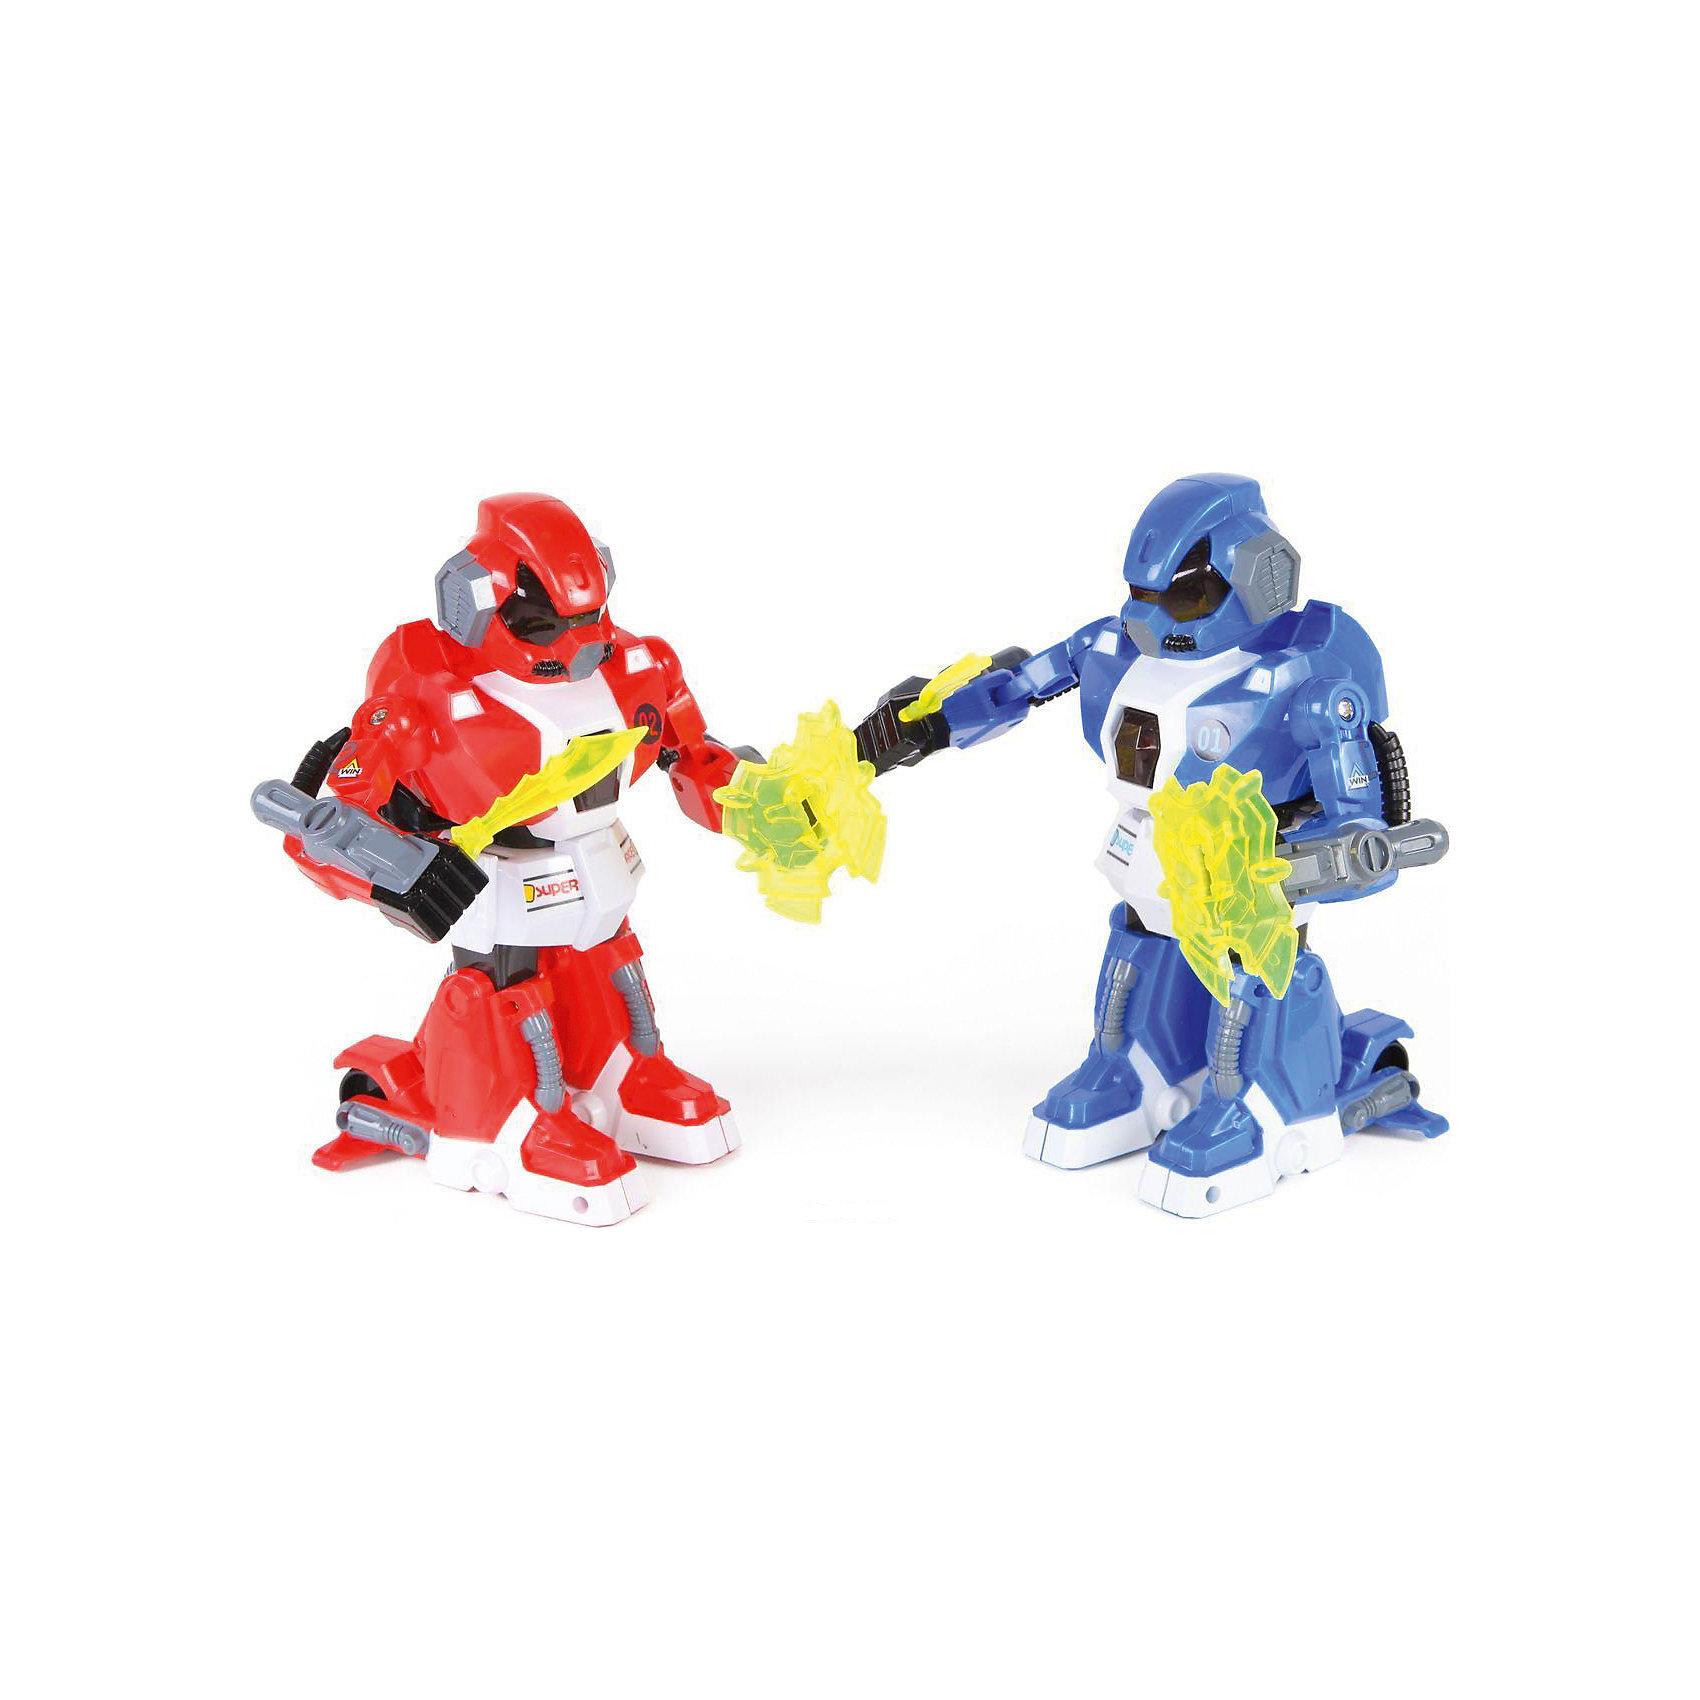 Роботы на радиоуправлении Yako Toys, красный/синий (свет, звук, движение)Роботы<br>Питание: 9V в пульт.  Аккумулятор. Управление роботом производится с помощью 2-х сенсорных пультов, зажатых в кулаки - движением, встряхиванием пультов…<br><br>Ширина мм: 490<br>Глубина мм: 260<br>Высота мм: 160<br>Вес г: 1200<br>Возраст от месяцев: 36<br>Возраст до месяцев: 60<br>Пол: Мужской<br>Возраст: Детский<br>SKU: 7172262